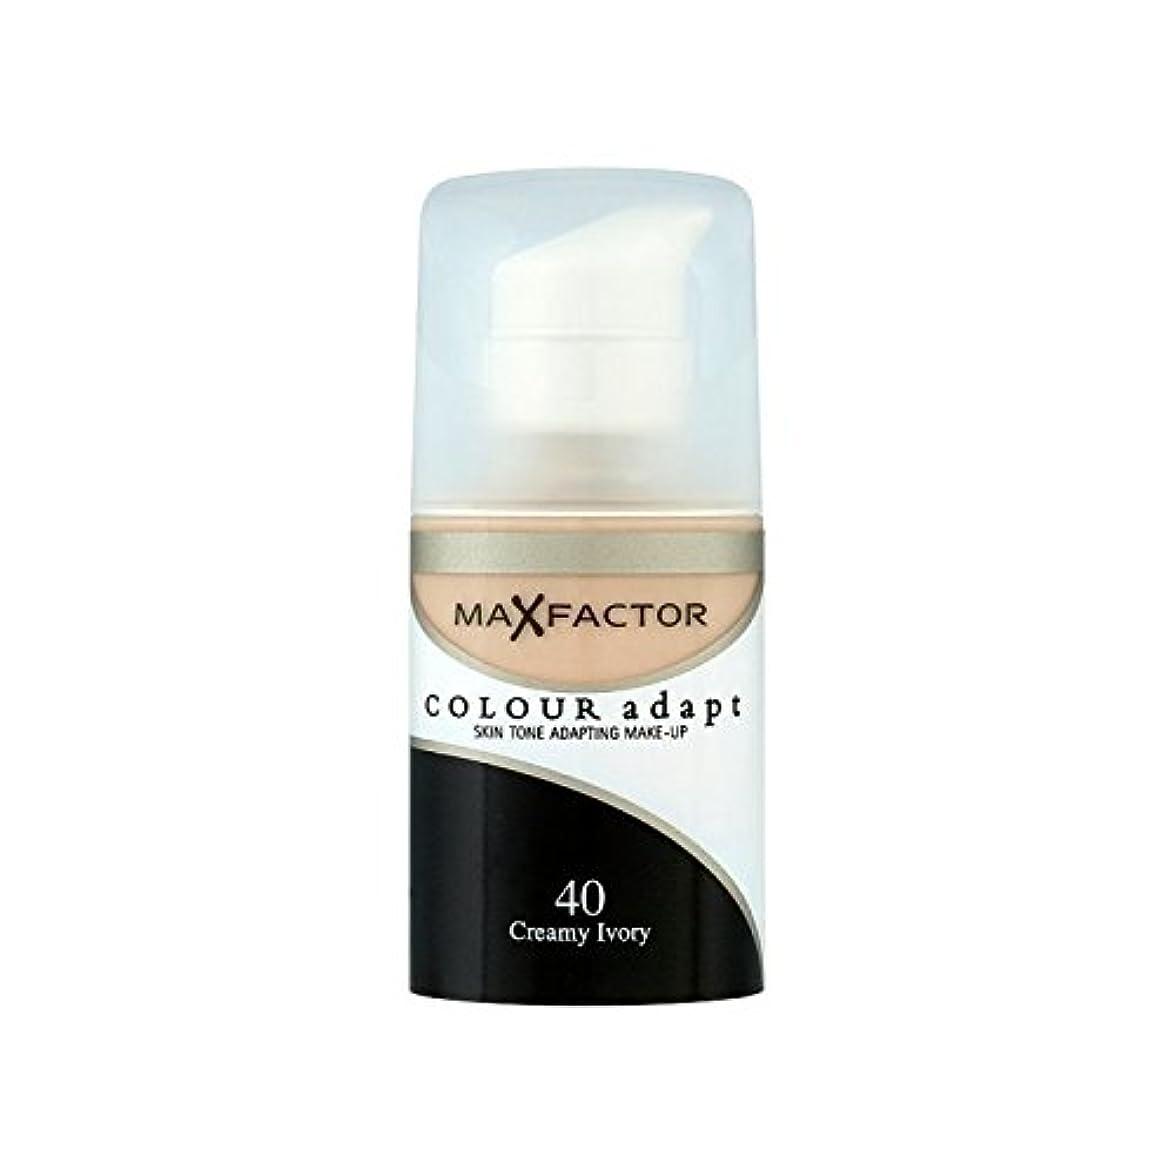 魅力量夜の動物園Max Factor Colour Adapt Foundation Creamy Ivory 40 - マックスファクターの色は、基礎クリーミーな象牙40を適応させます [並行輸入品]